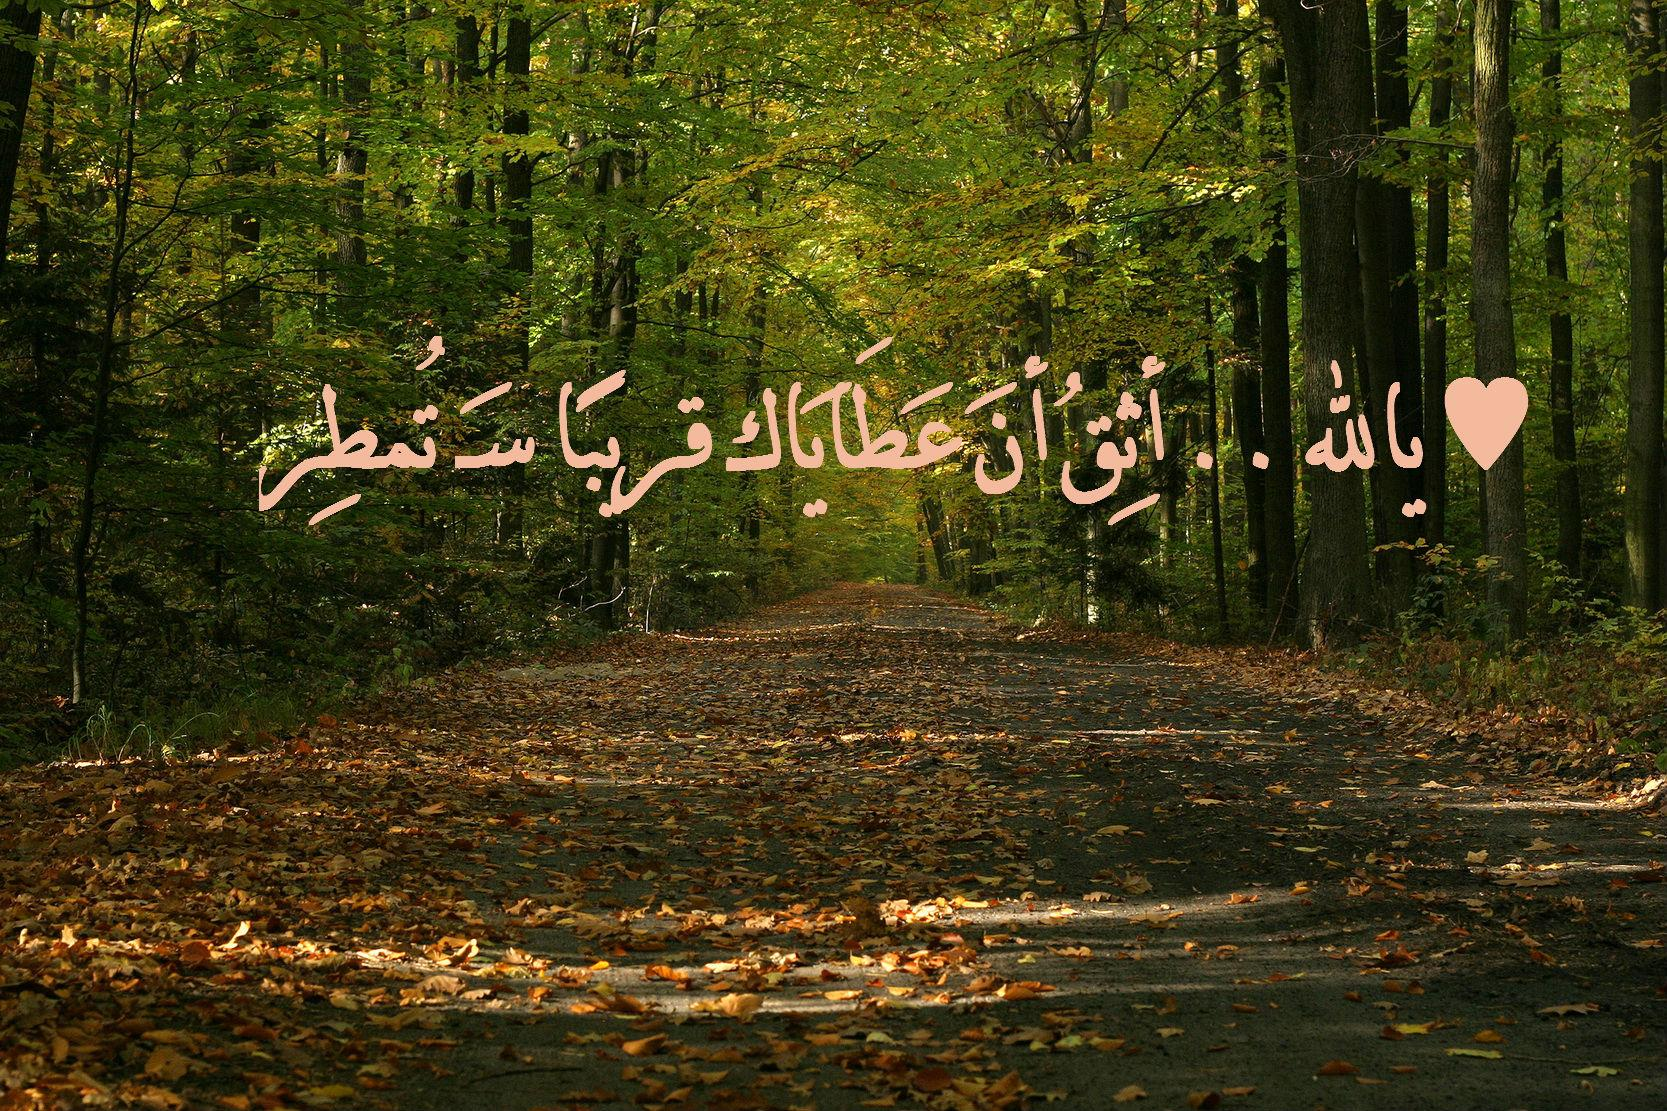 صور عن الاستغفار مكتوب عليها استغفر الله العظيم (17)